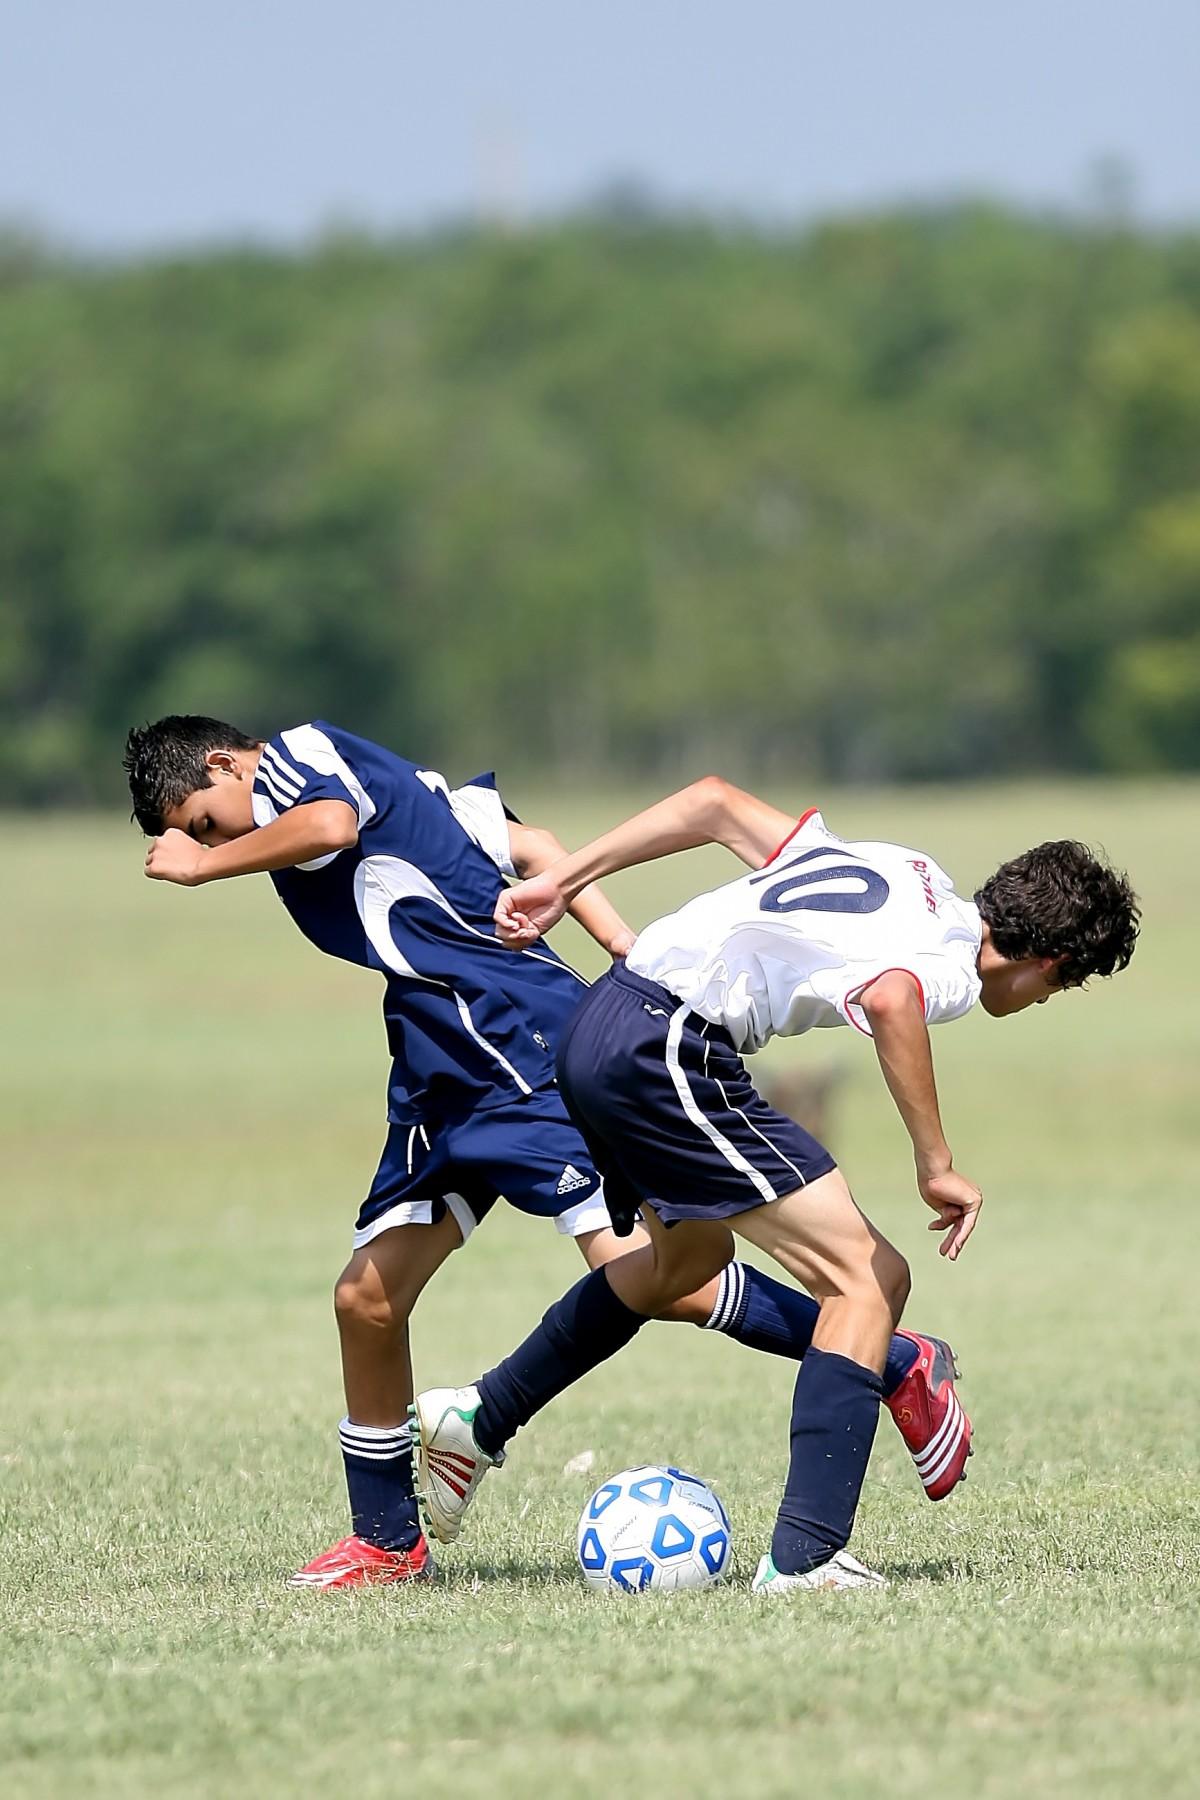 Grass, Sport, Field, Game, Boy, Summer